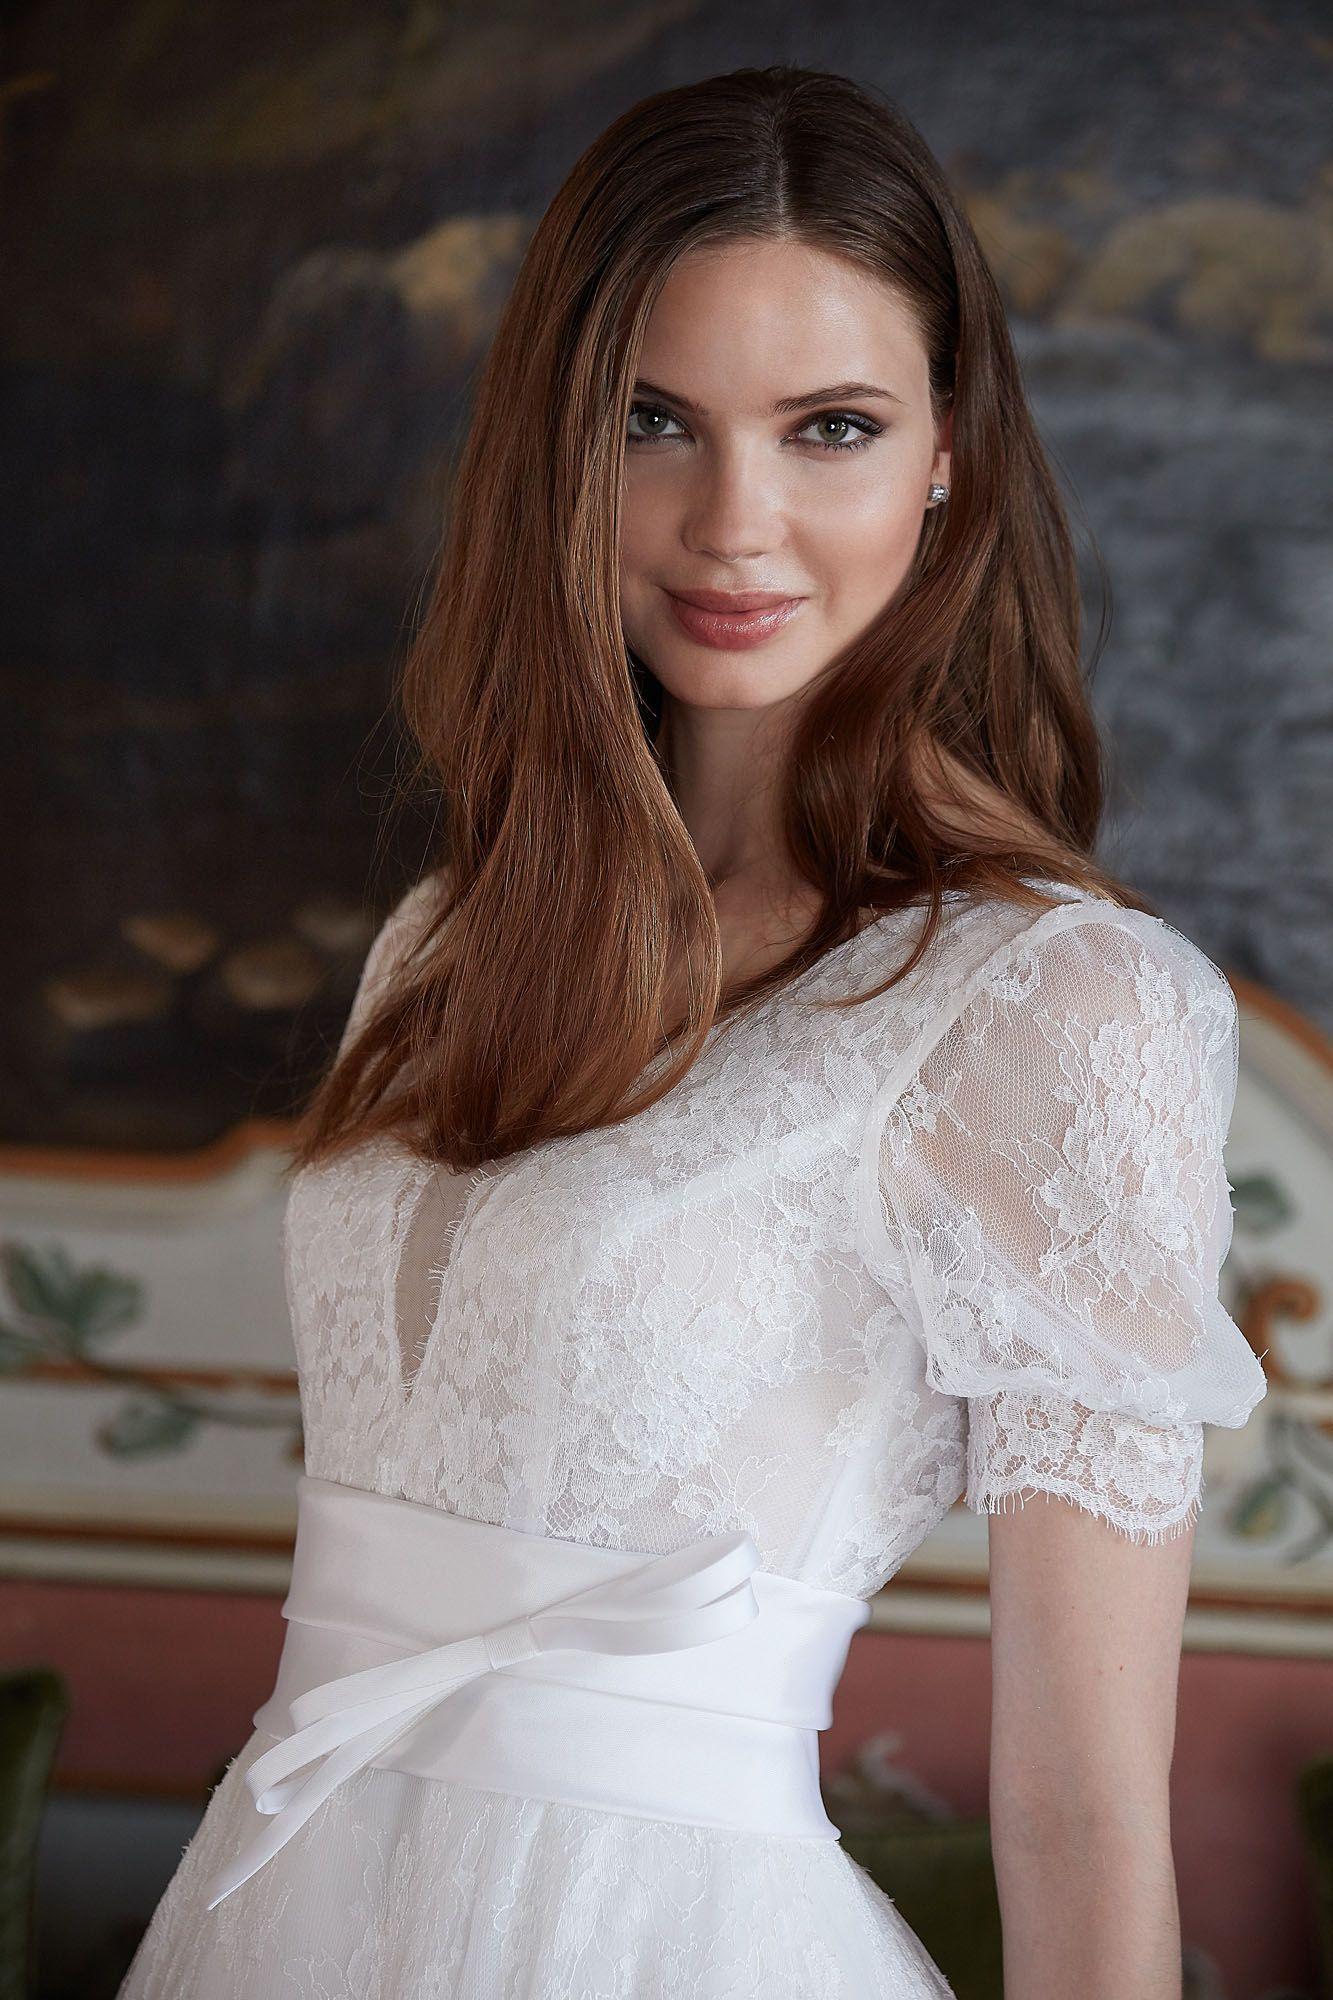 fdbc0e0a35ce7 MODELLO 1807 Abito sposa romantico interamente in pizzo chantilly francese